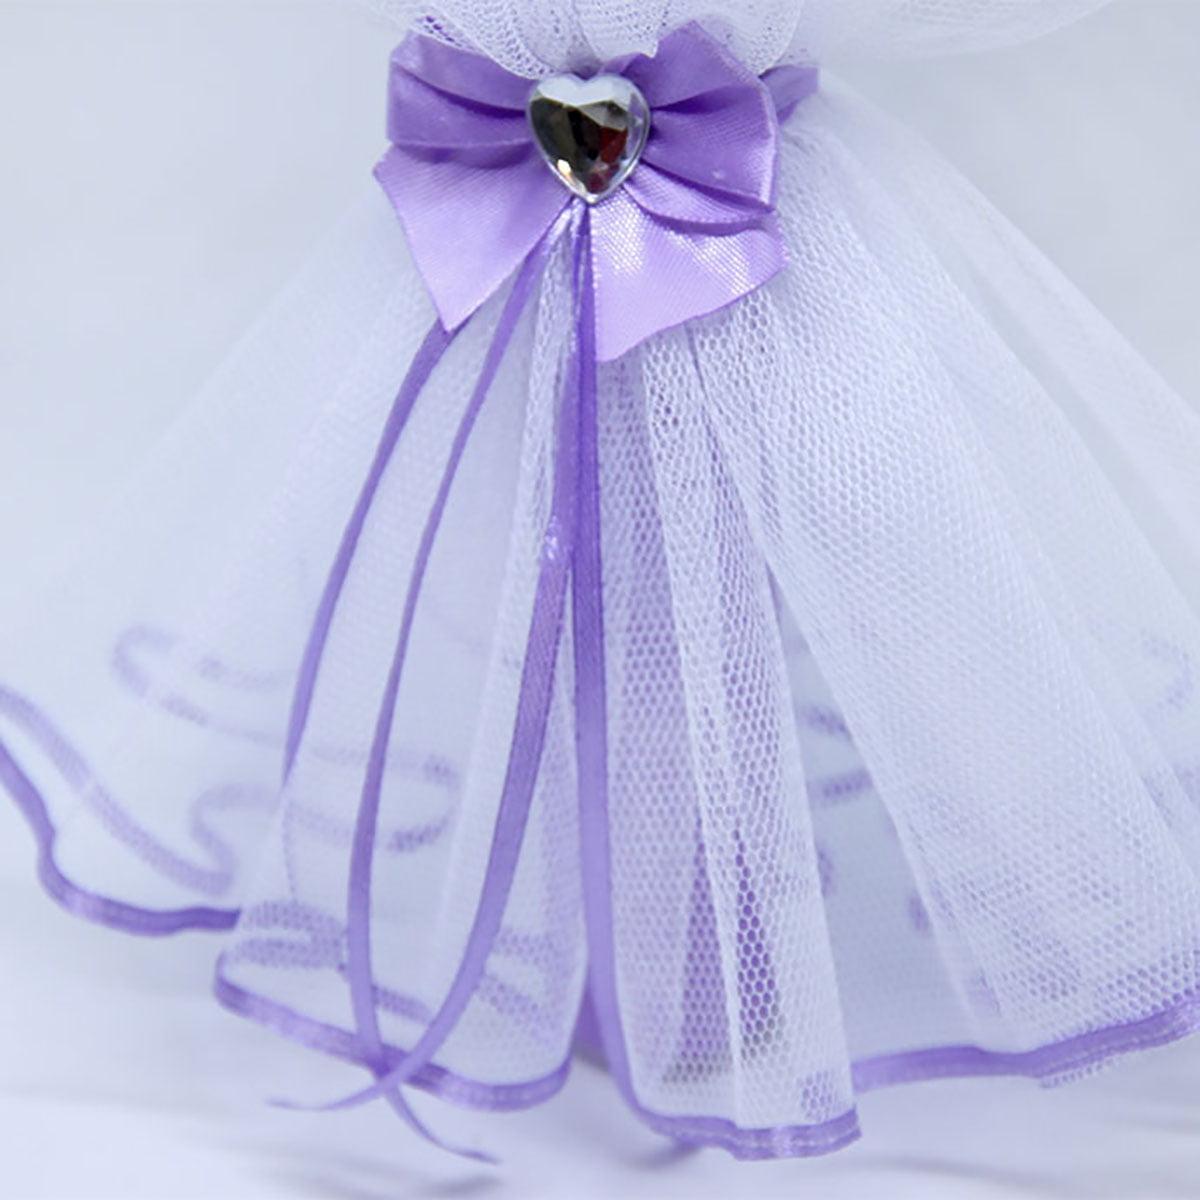 Diamond heart lily ljubičasti ukras svijeće za krštenje